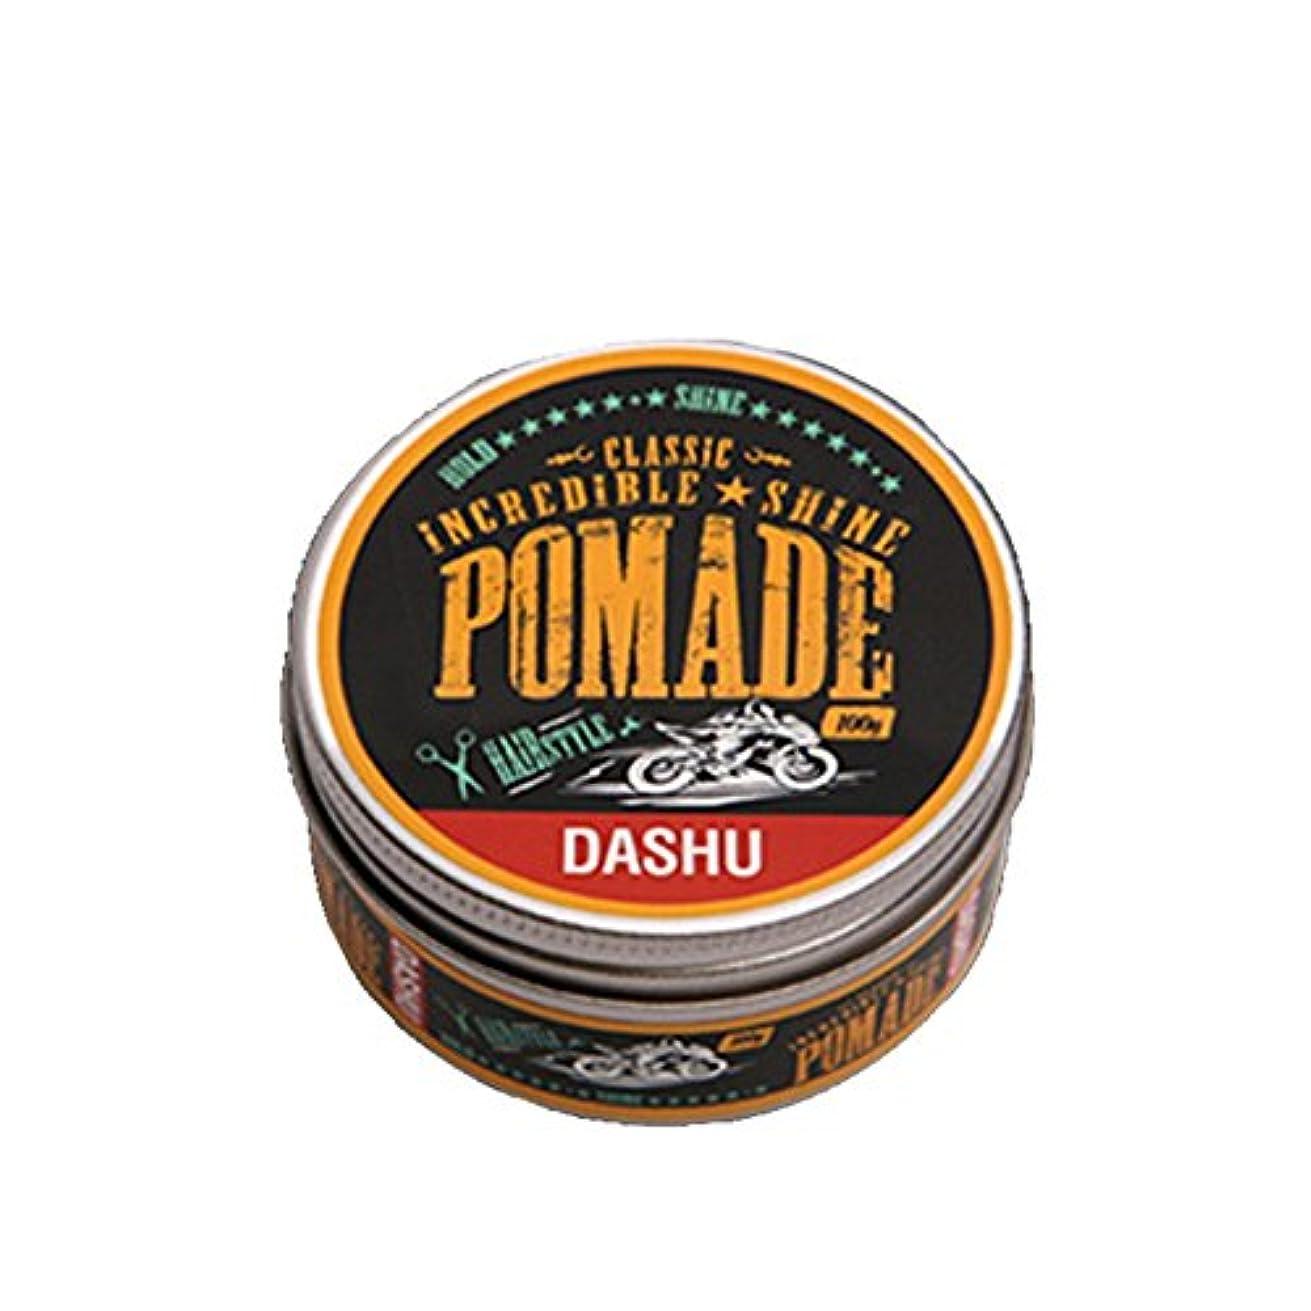 サイバースペース廃止勧める[DASHU] ダシュ クラシック 信じられないほどの輝き ポマードワックス Classic Incredible Shine Pomade Hair Wax 100ml / 韓国製 . 韓国直送品